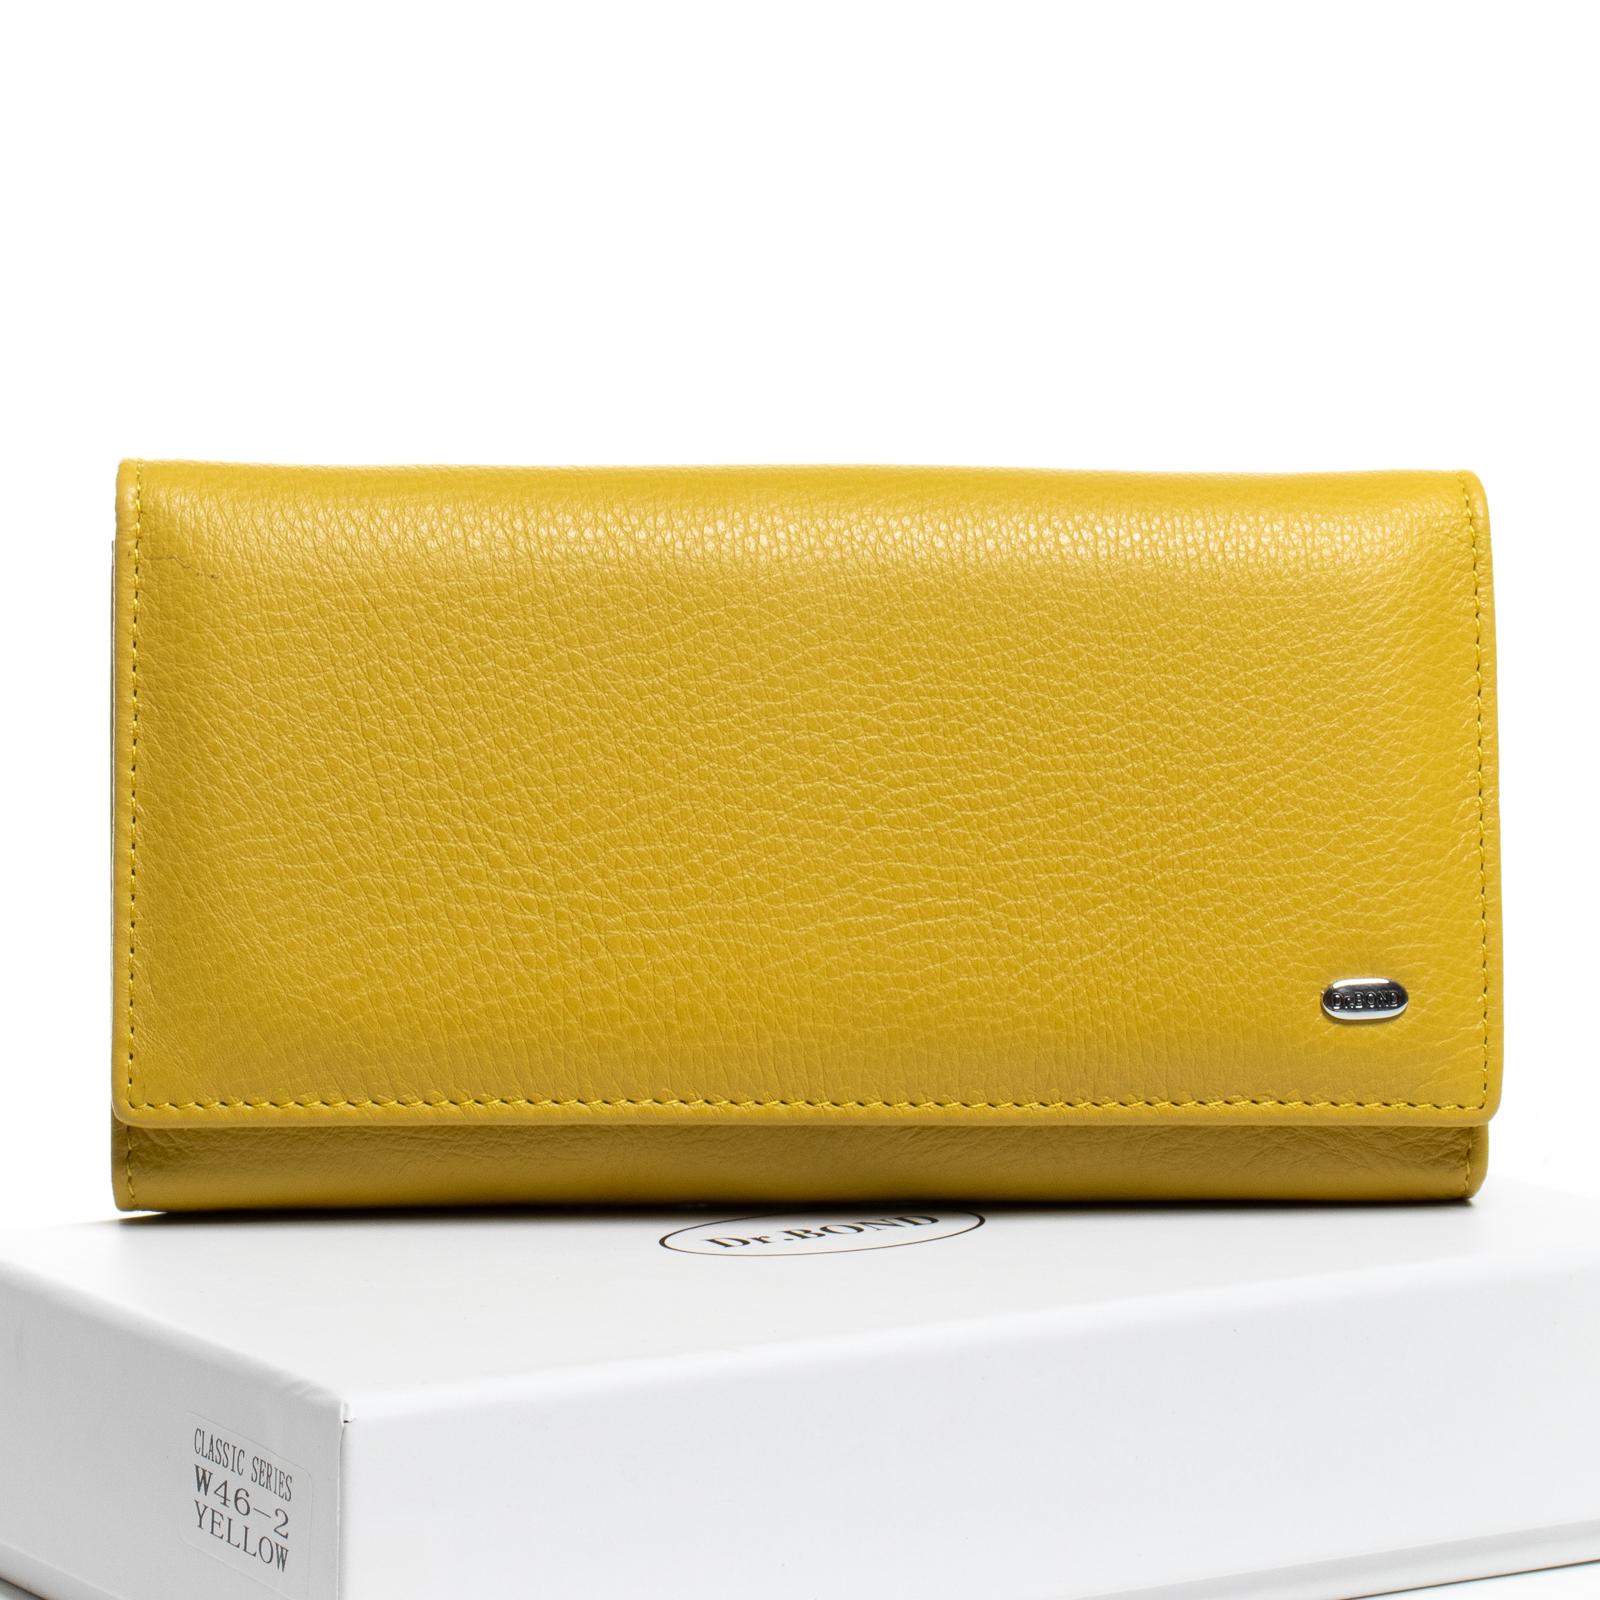 Кошелек Classic кожа DR. BOND W46-2 yellow